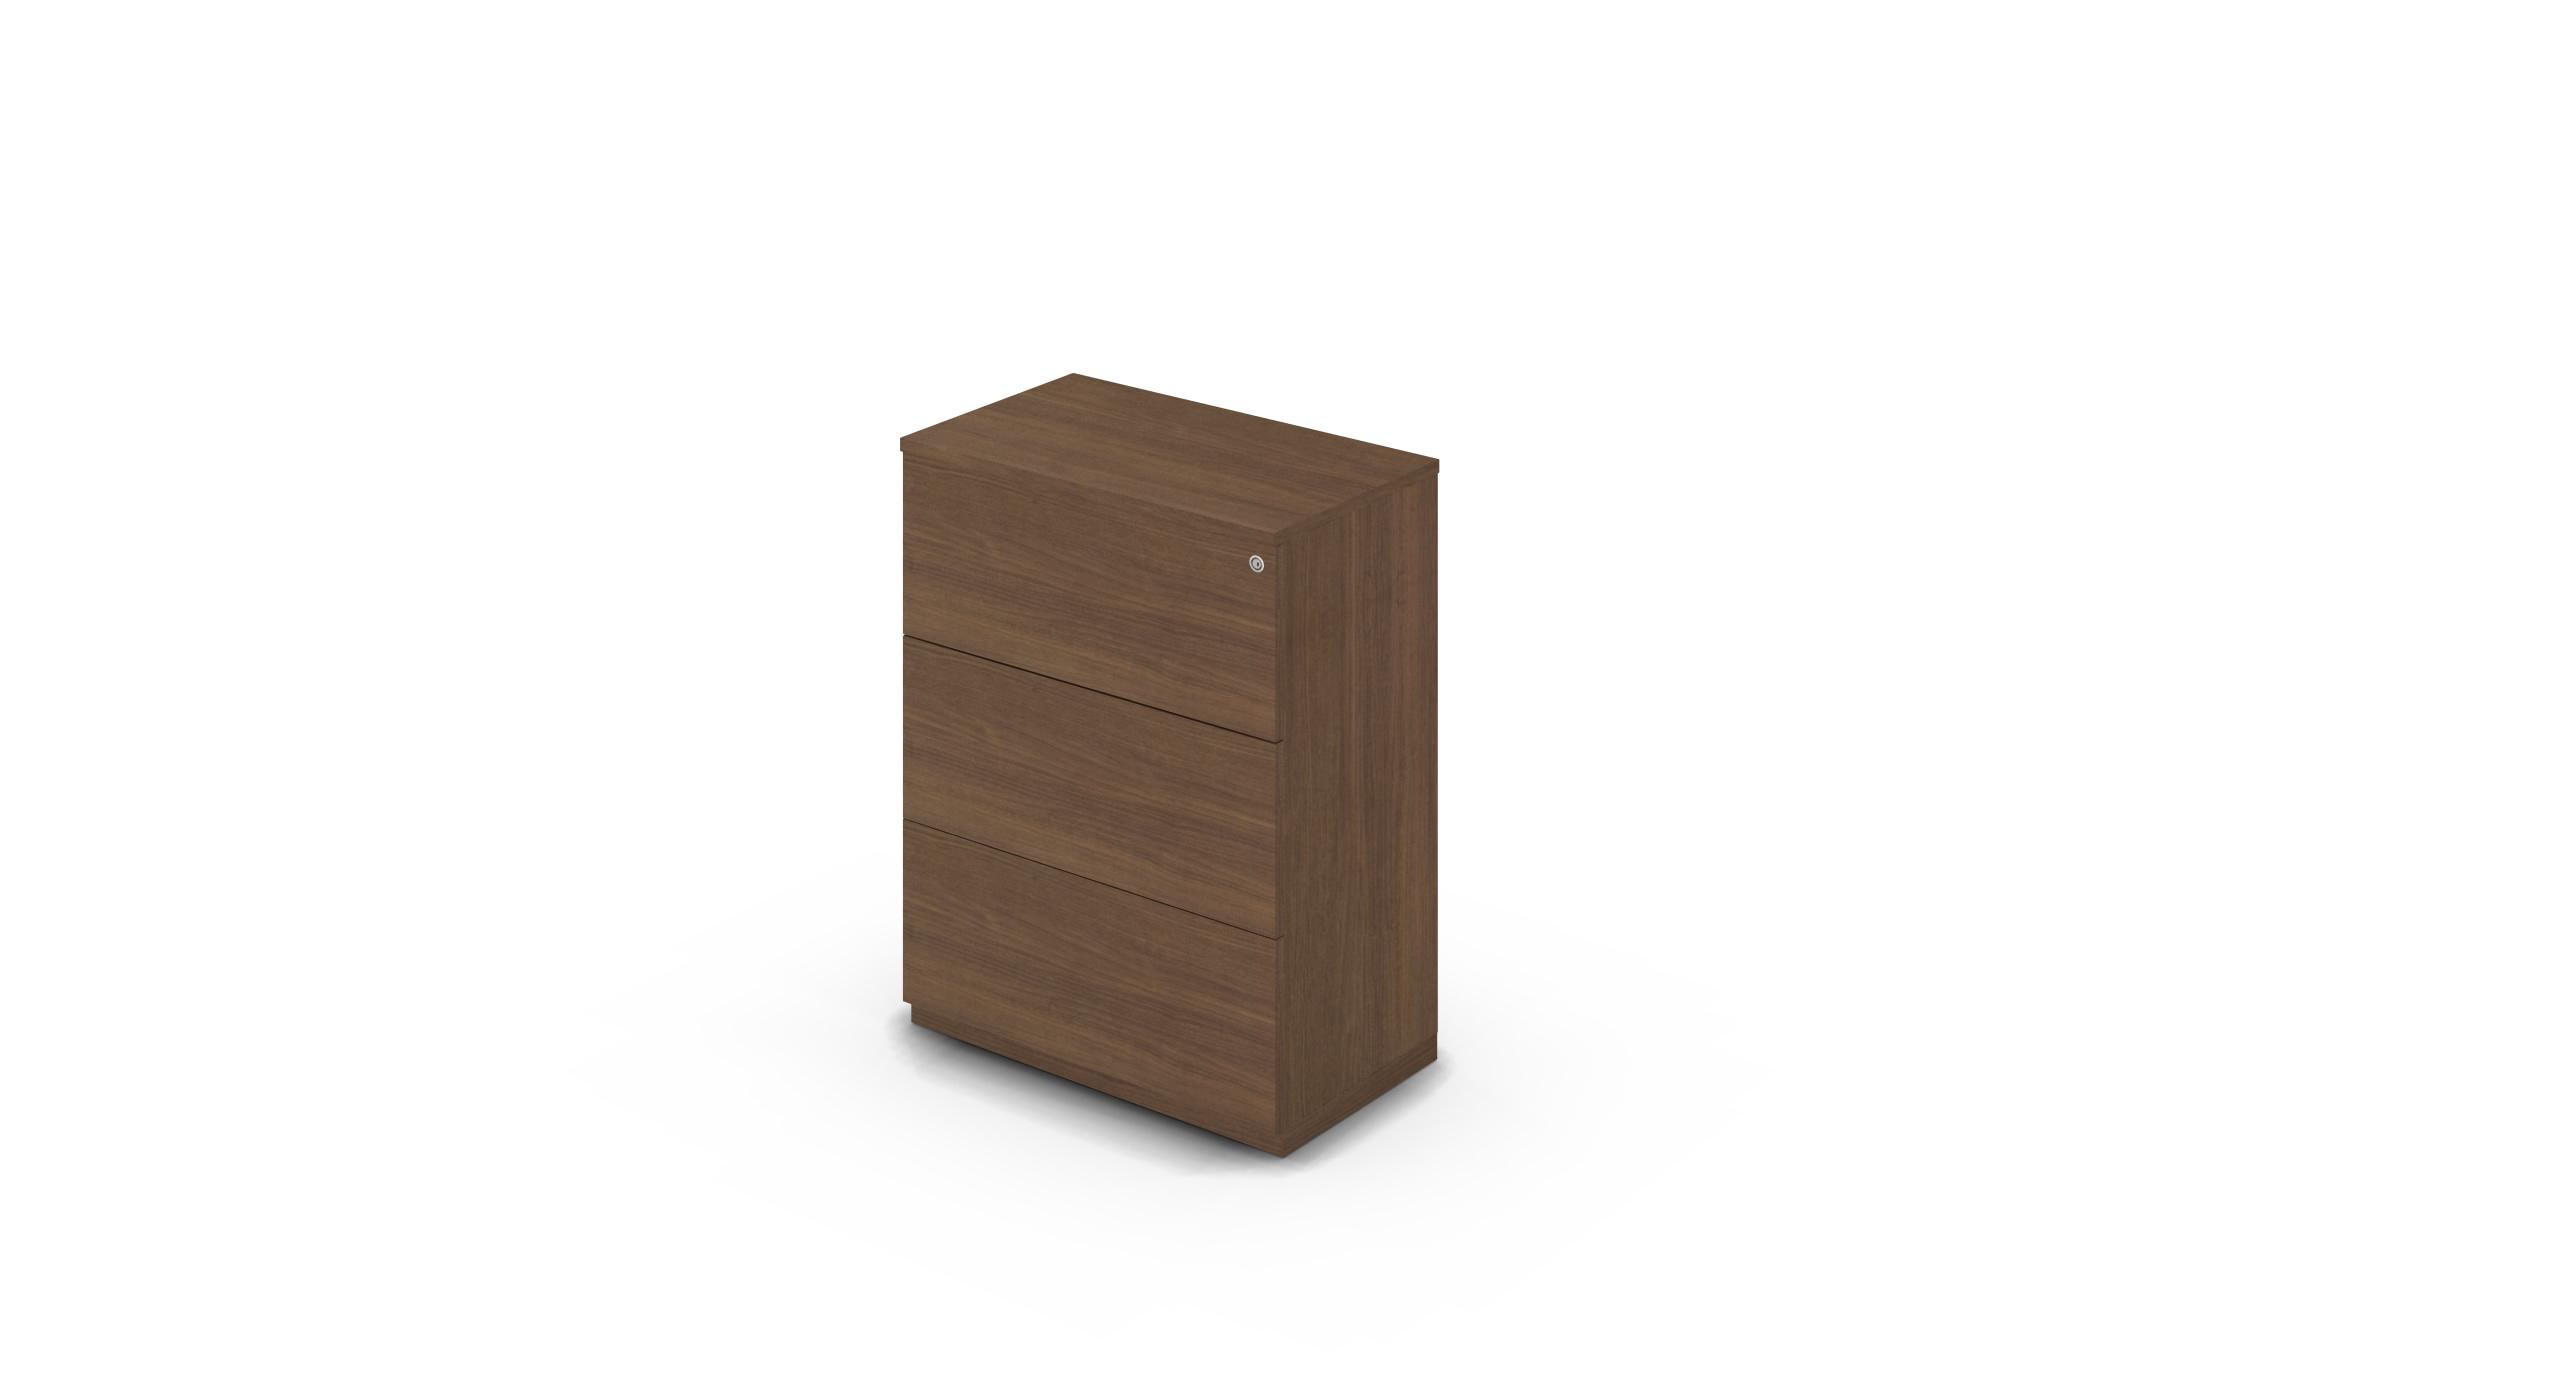 Cabinet_800x450x1125_DR_Walnut_Push_WithCylinder